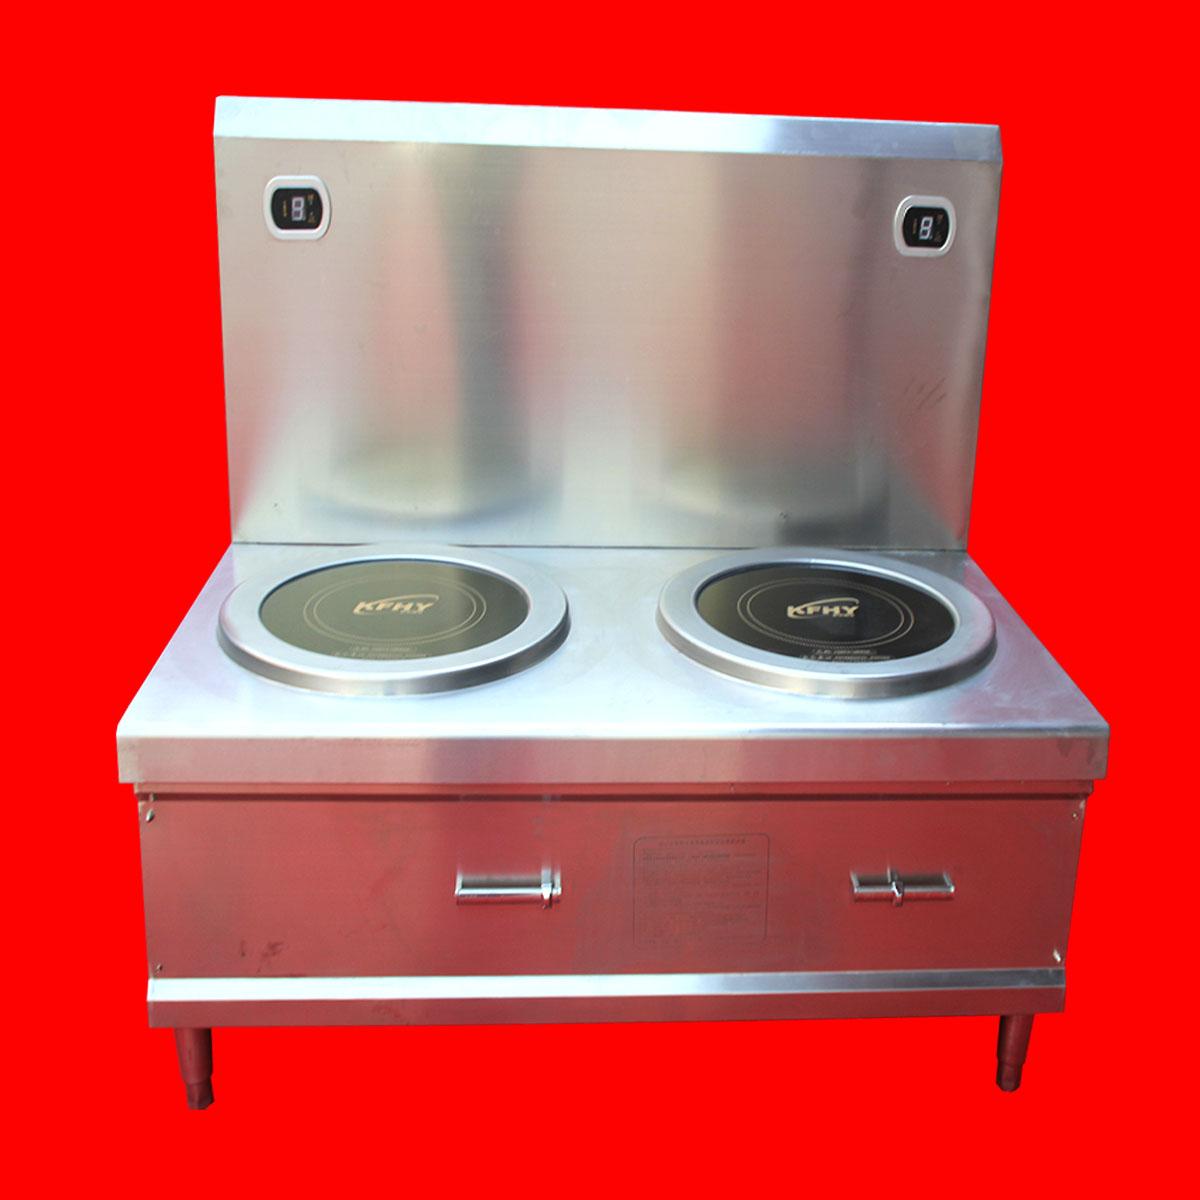 供应不锈钢商用电磁炉,商用电磁灶优惠促销